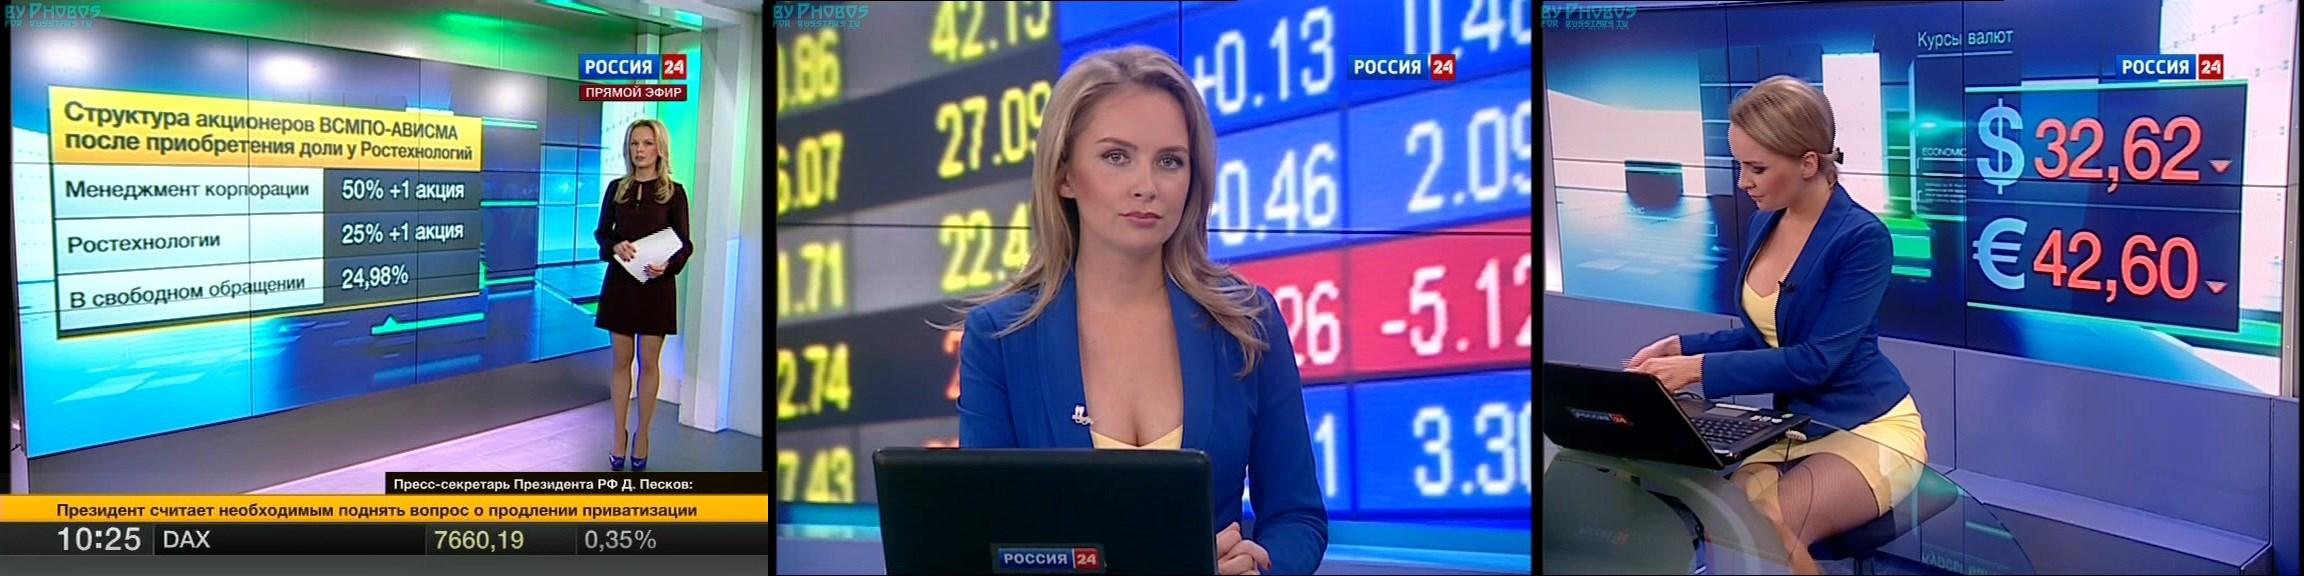 Русское порно видео с тегом Жены бесплатно